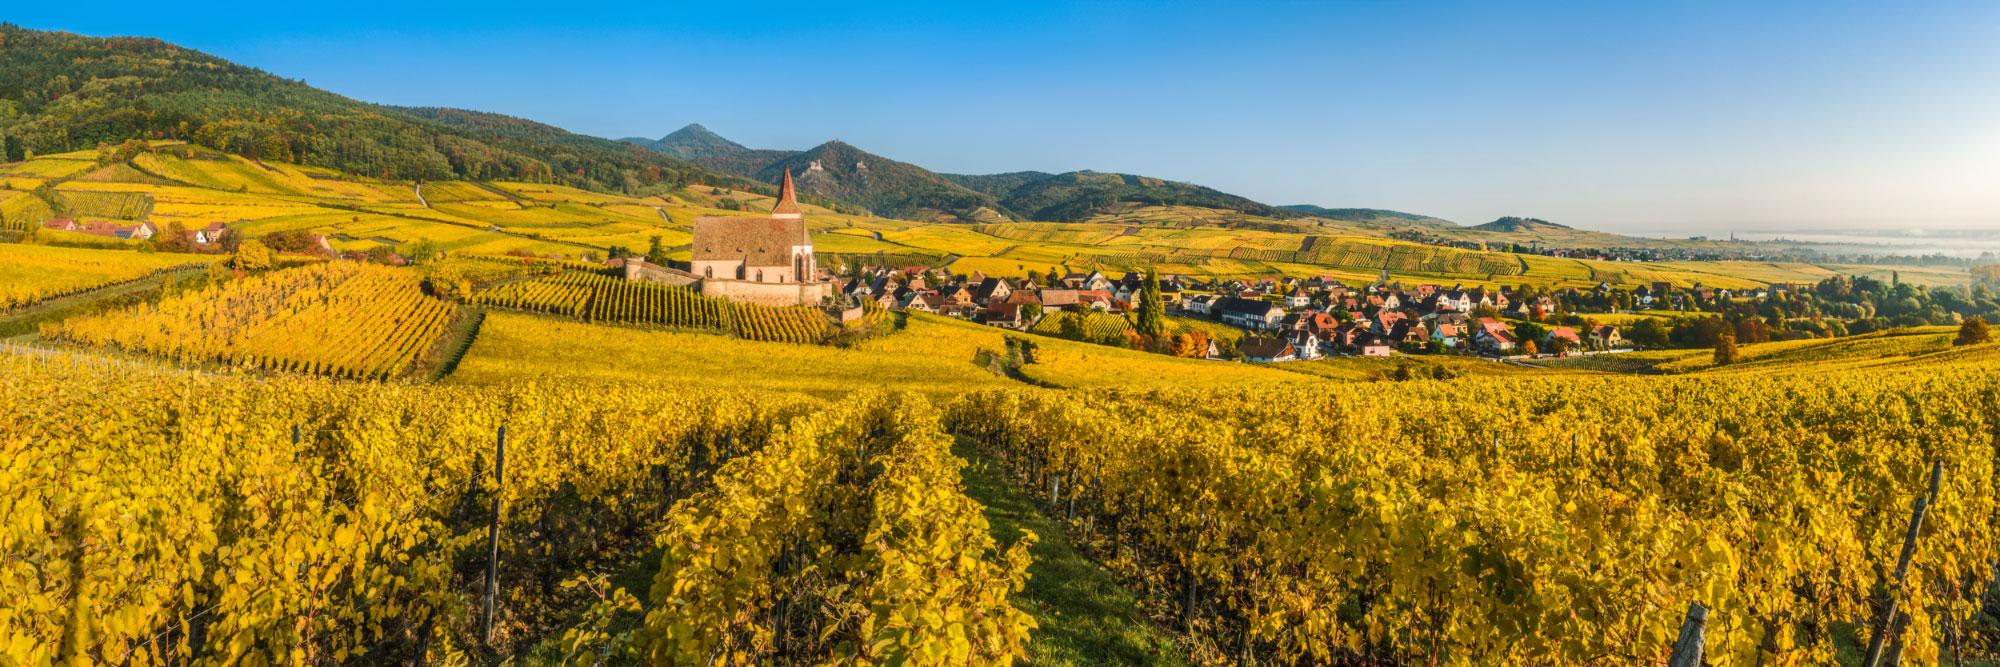 Hunawihr, serti dans un écrin de vignes, Alsace